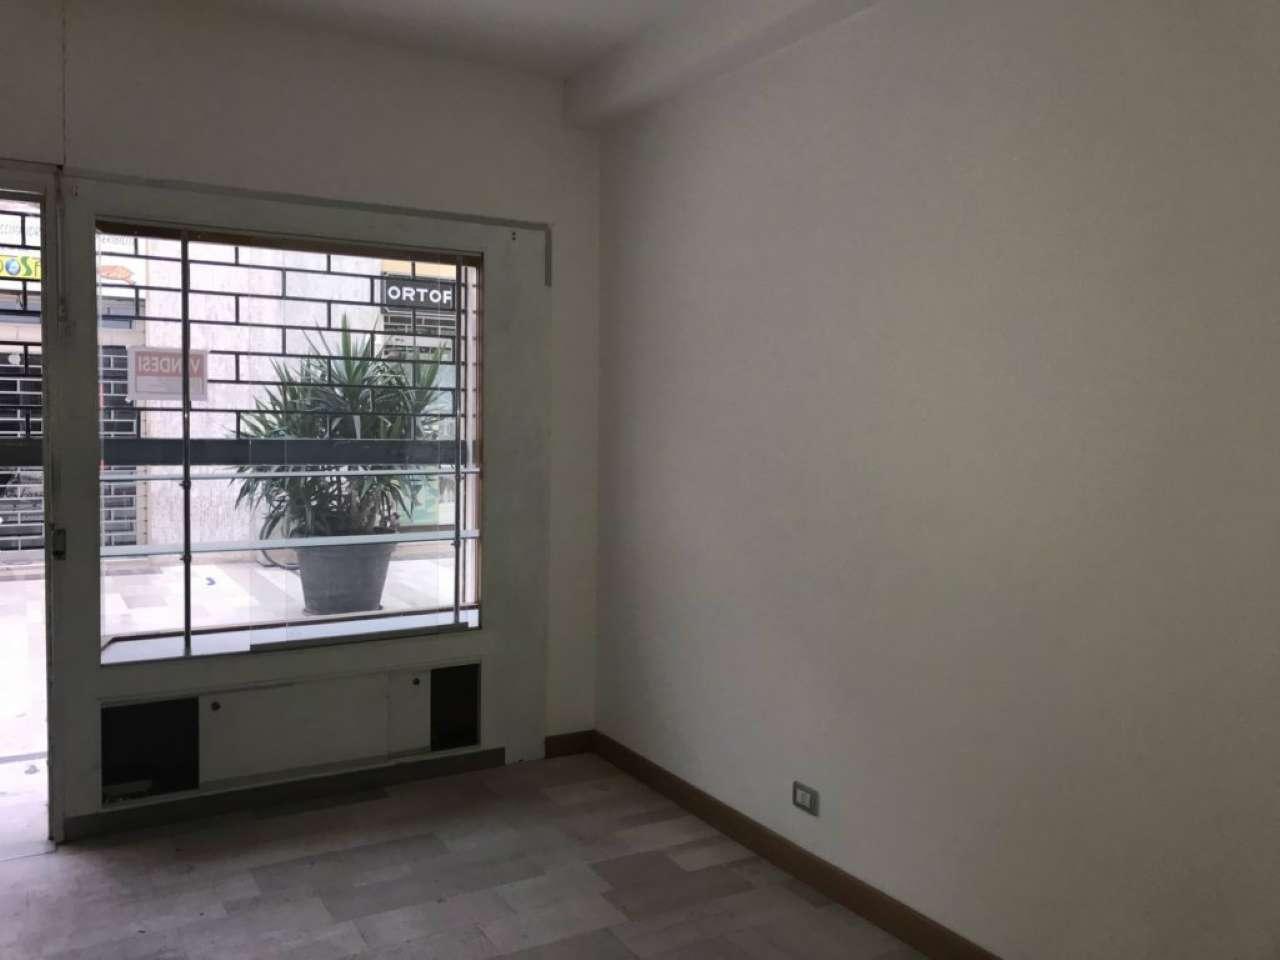 Negozio / Locale in affitto a Cesena, 2 locali, prezzo € 600 | CambioCasa.it